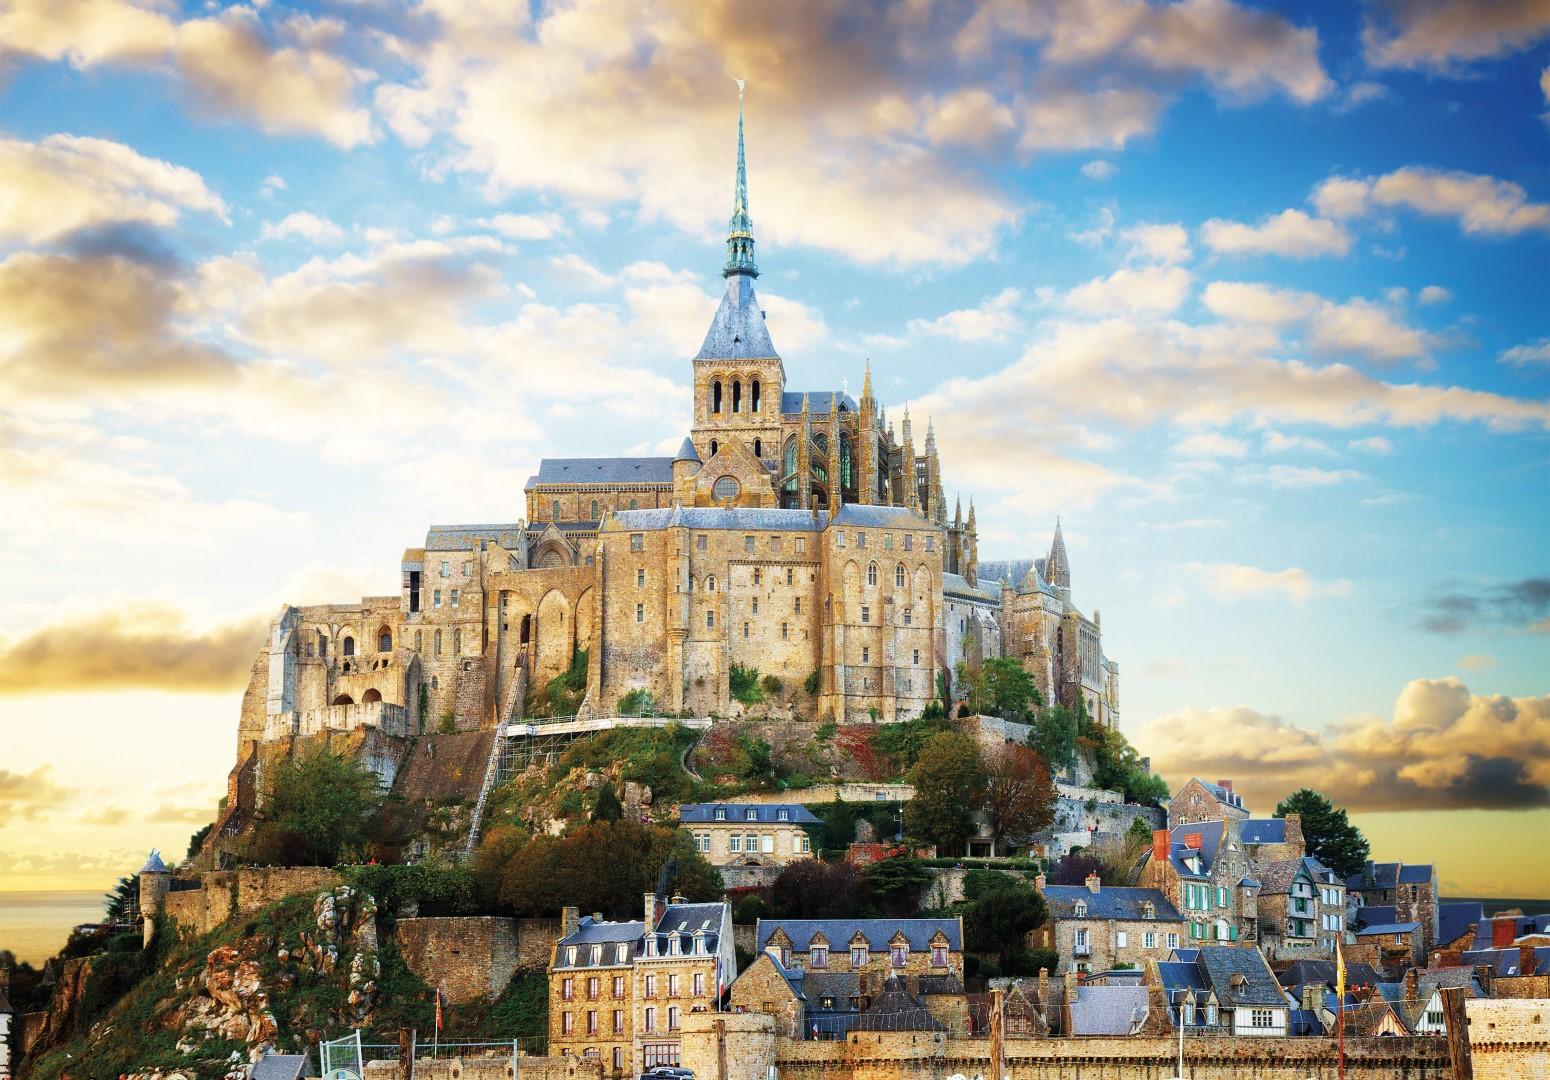 Bretaň a Normandie - perly Francie (autobusem)